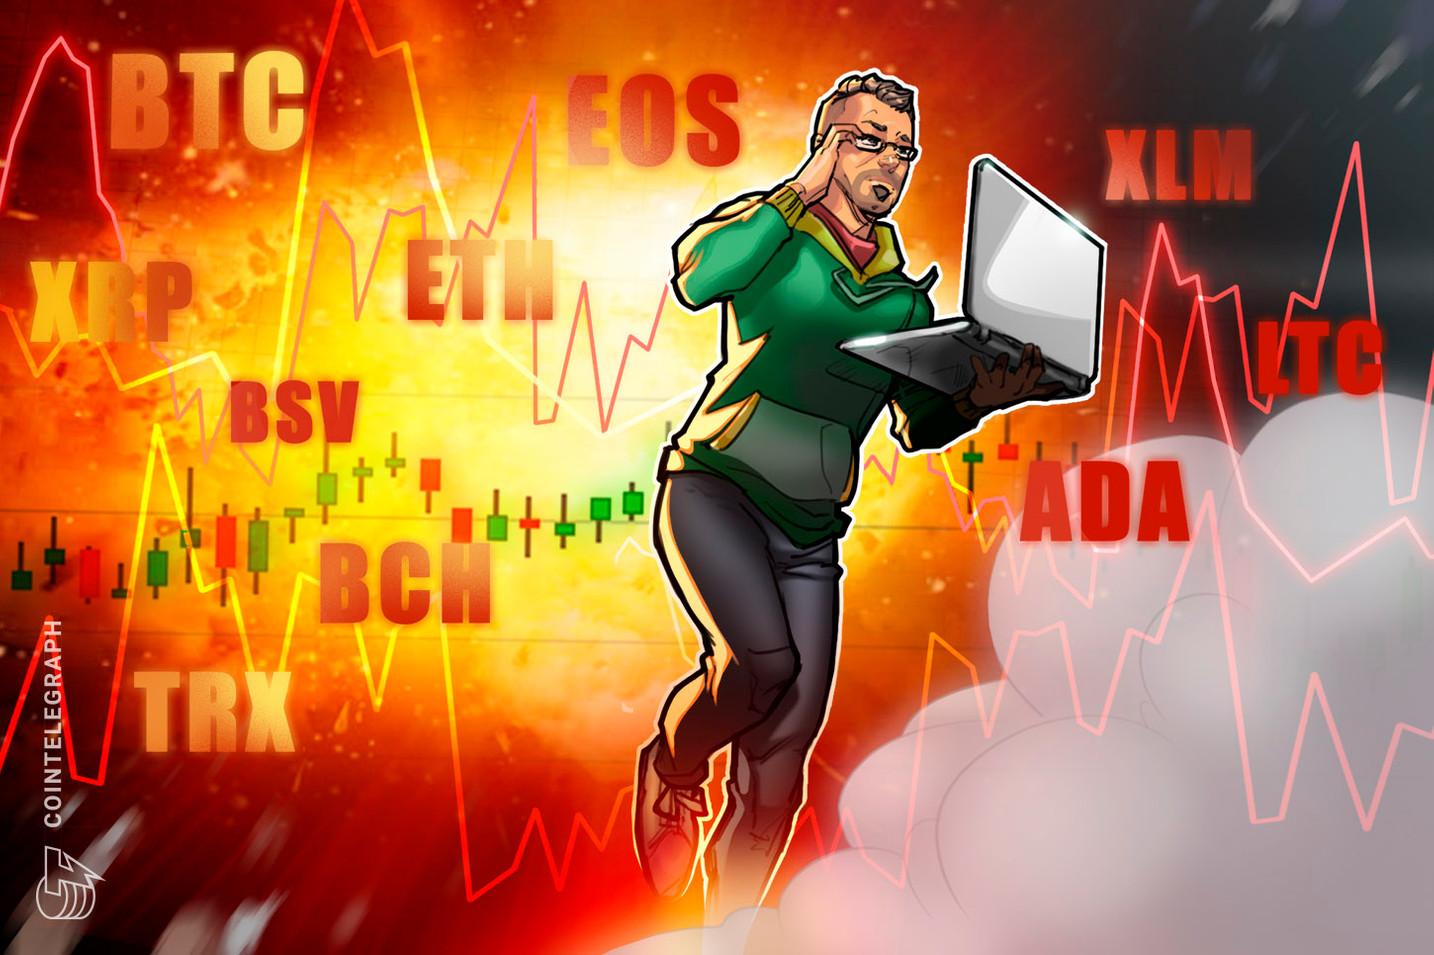 勢いに乗るビットコインSVの今後は?仮想通貨テクニカル分析(12月7日)